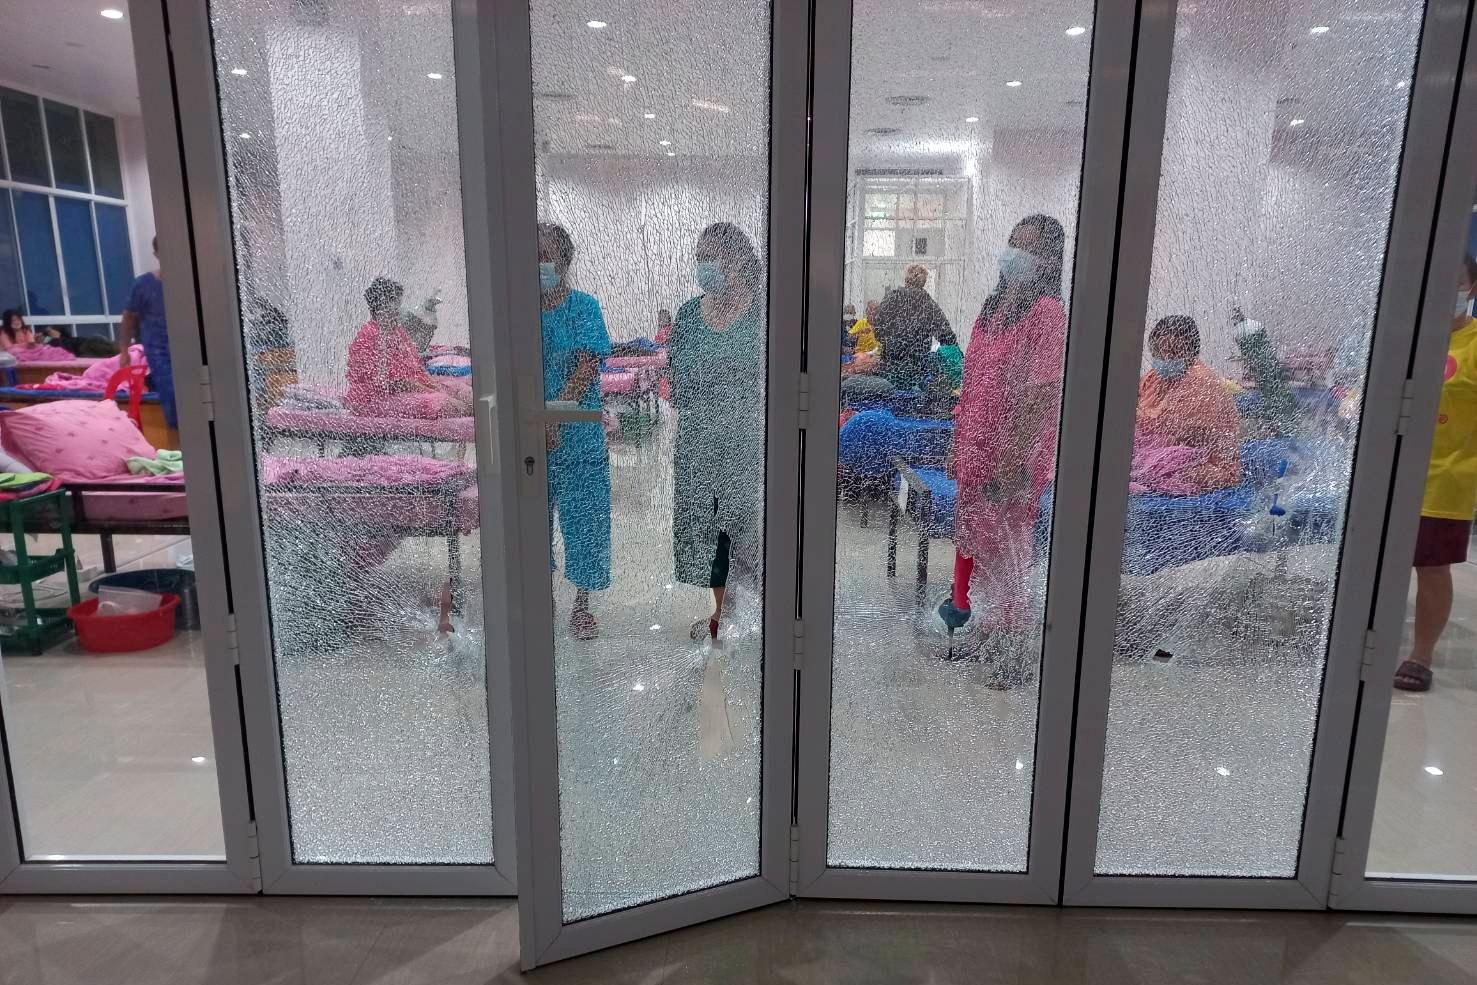 Ταϊλάνδη: Εμβολιάζουν τους κρατούμενους για να μην εξαπλωθεί ο κορονοϊός στις φυλακές